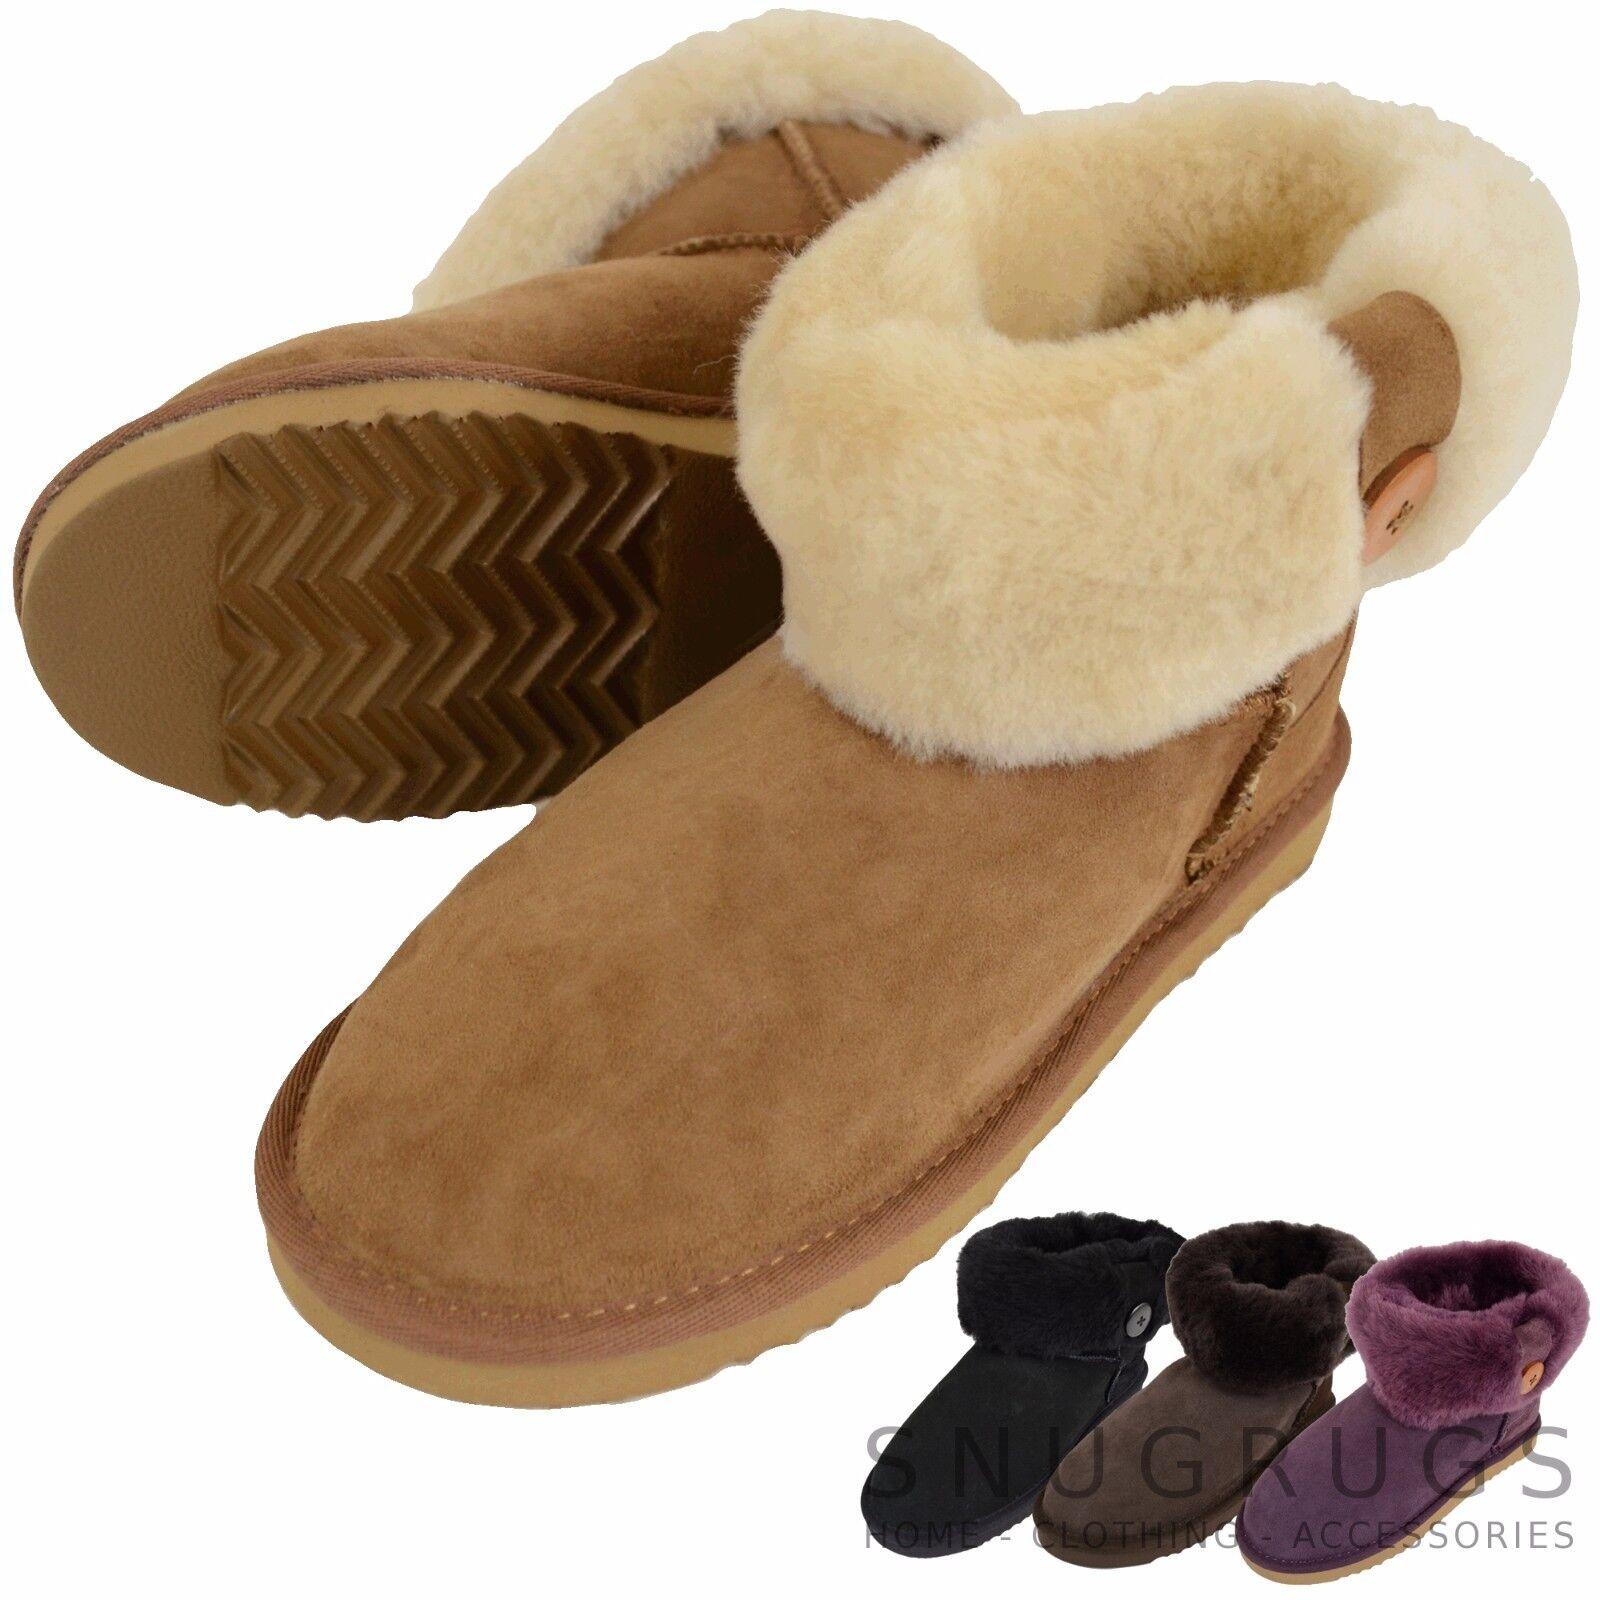 Damen / für Stiefel Damen, volle Schafspelz wadenlang Down Shorts Stiefel für KNOPF DESIGN 48dba8